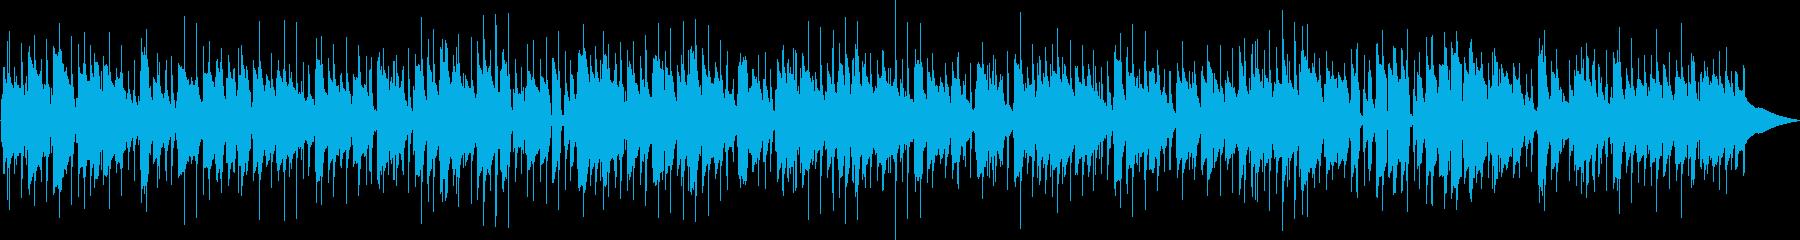 用途の広いイージーリスニングジャズの再生済みの波形